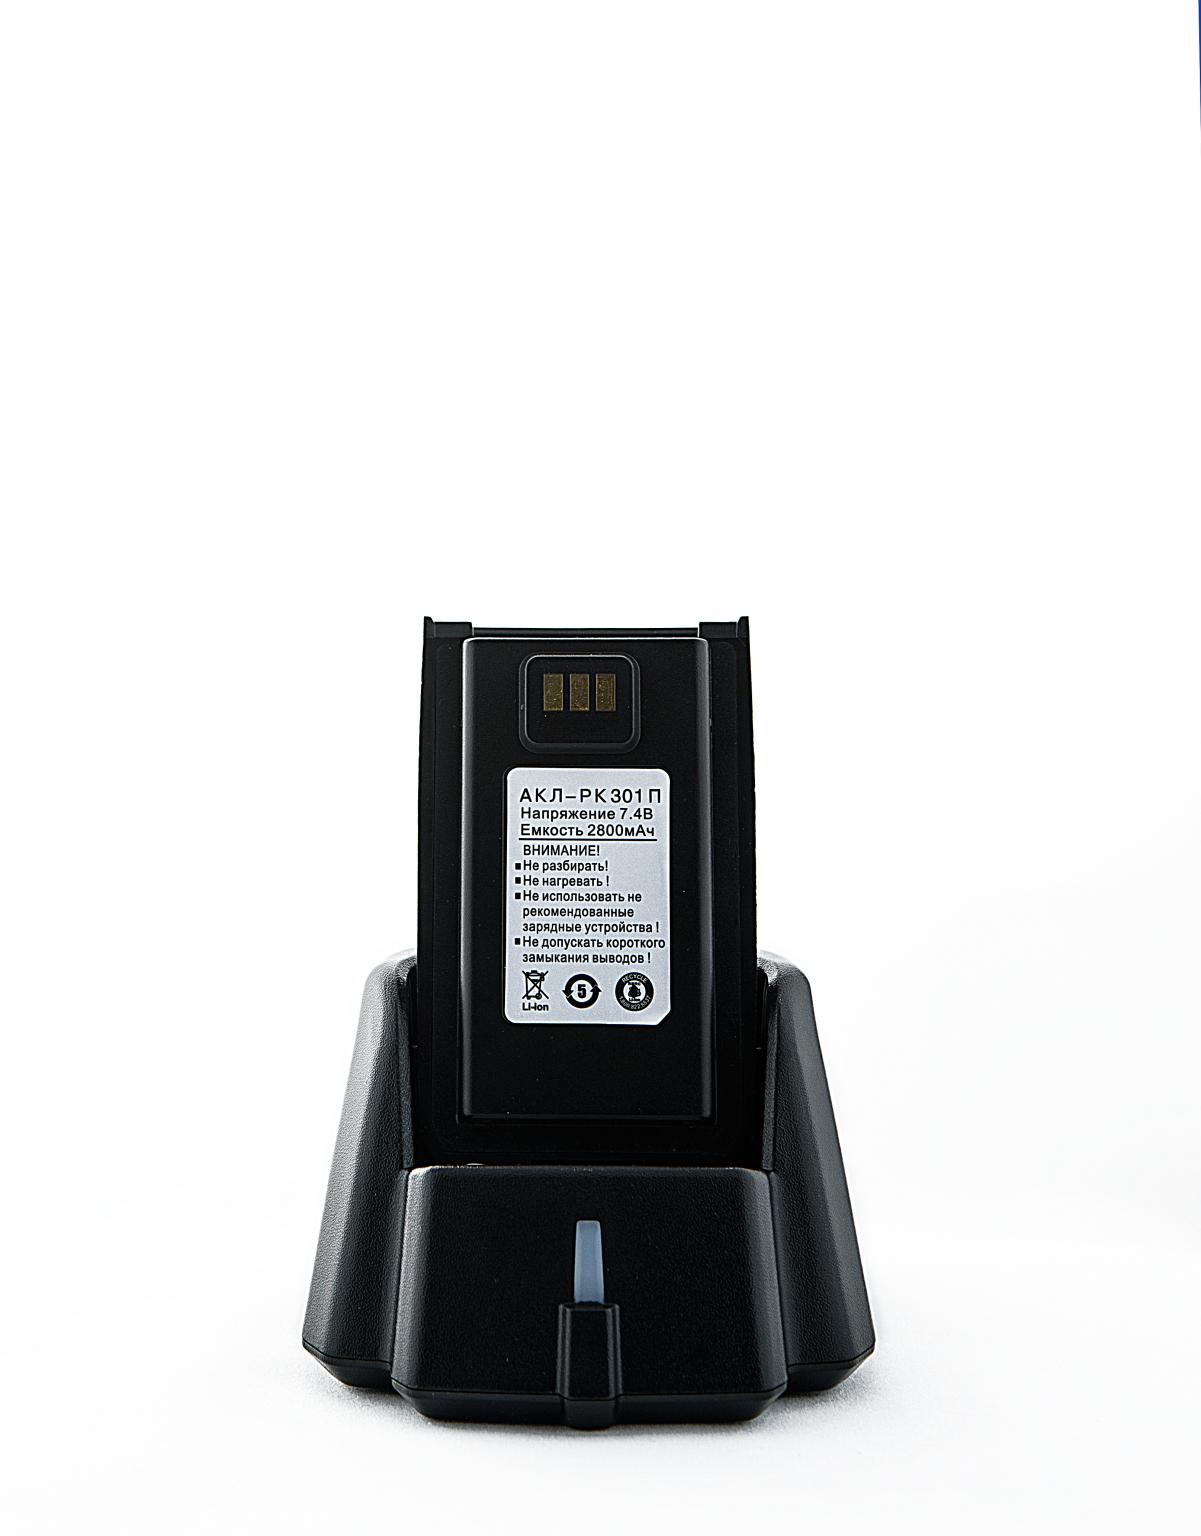 Аккумулятор для рации Терек РК301